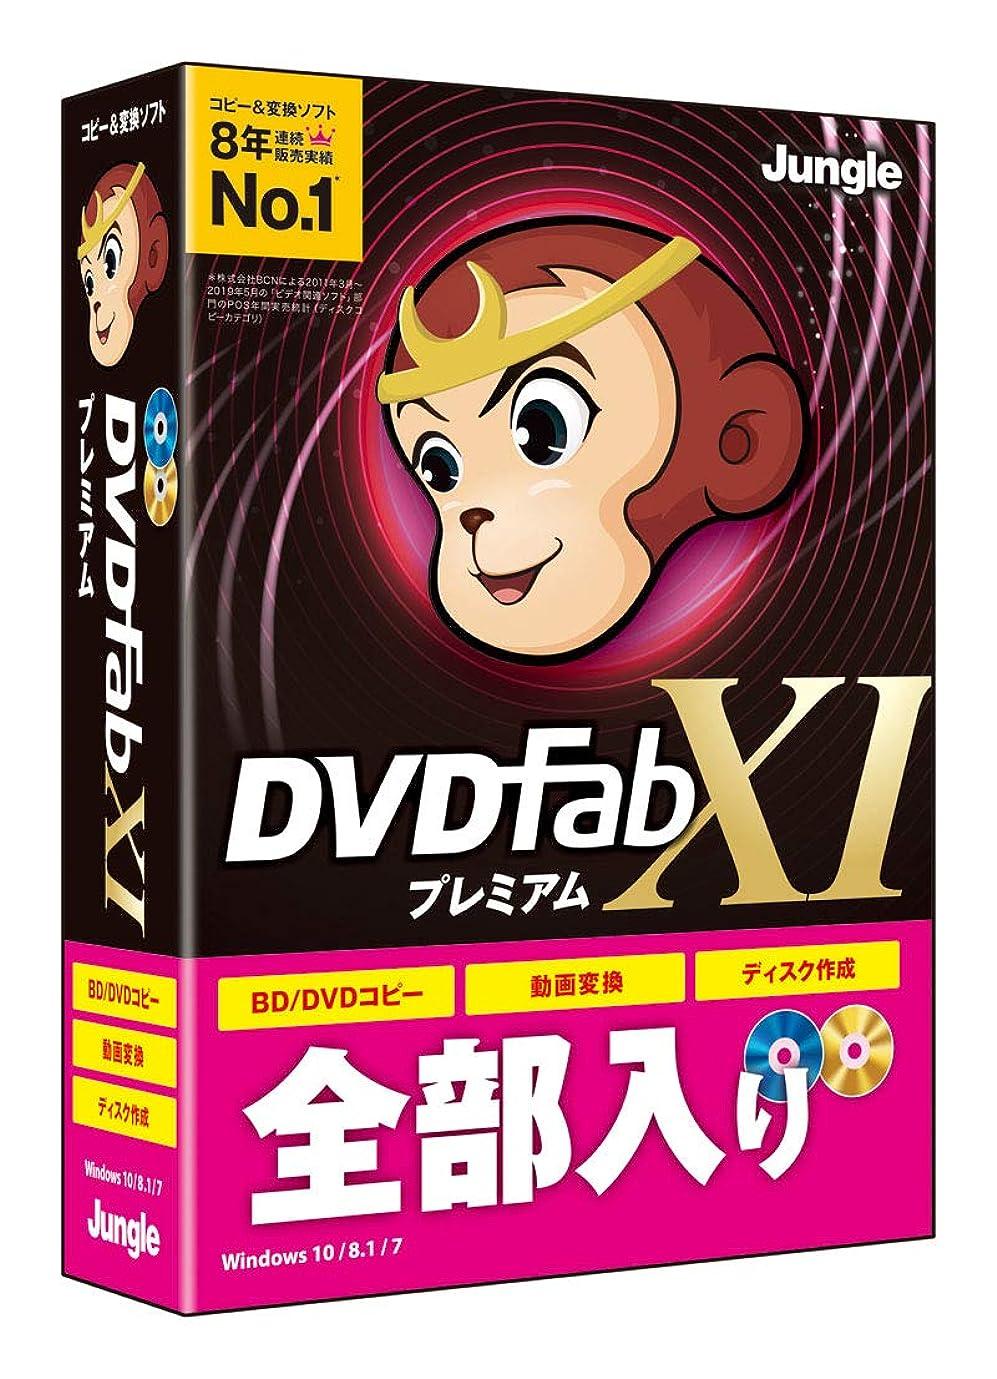 安定した分泌するメアリアンジョーンズDVDFab XI プレミアム(BD/DVDディスクコピー?作成?動画変換?iTunes直接転送)